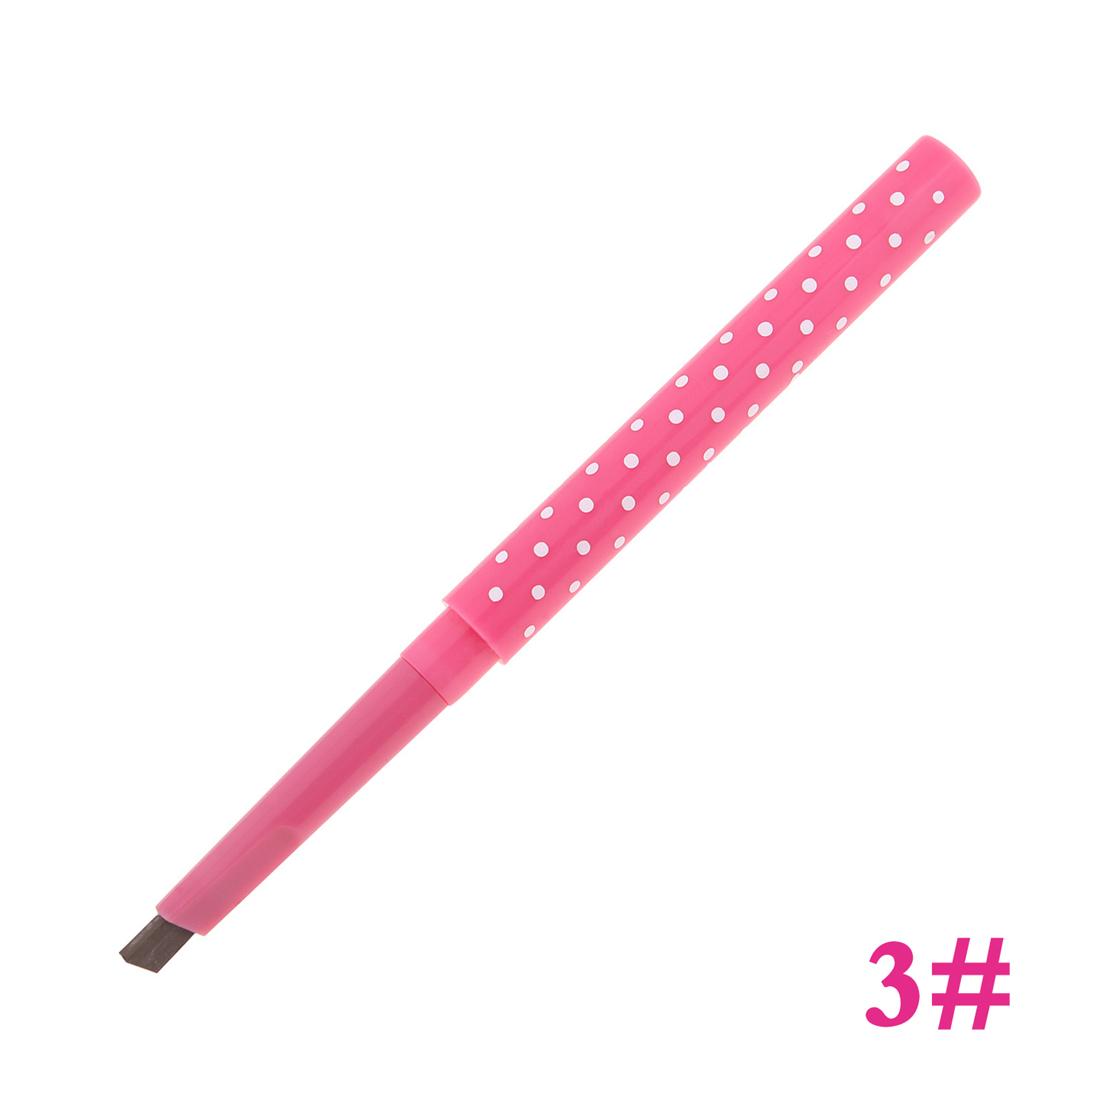 MyMei Темнокоричневый цвет косметические карандаши beyu карандаш для бровей 6 1 2г